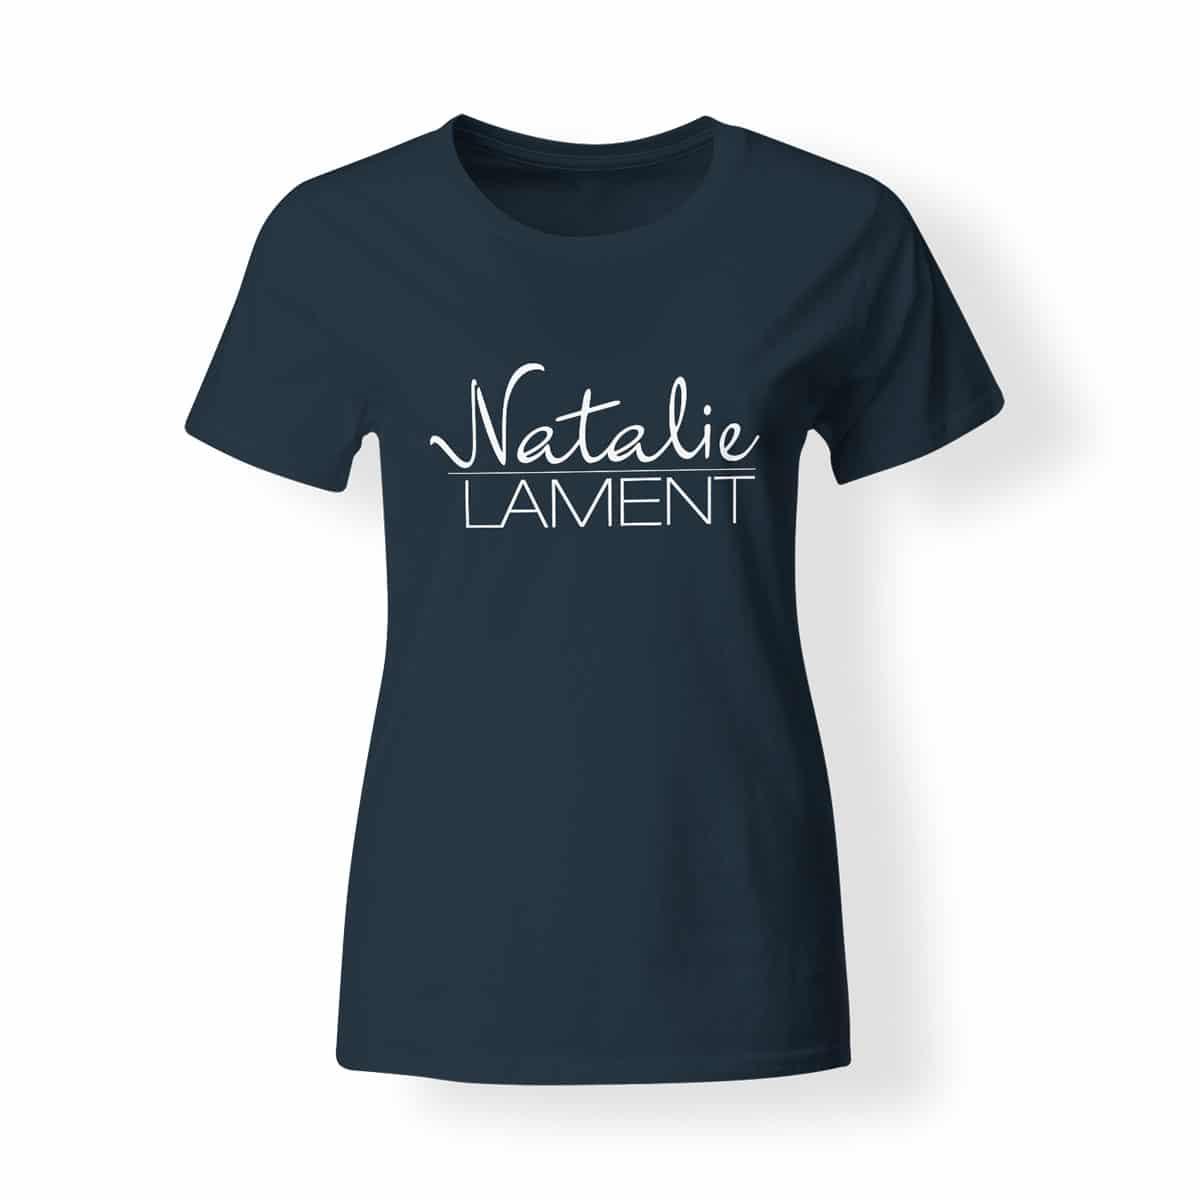 Damen T-Shirt Natalie Lament Logo navy